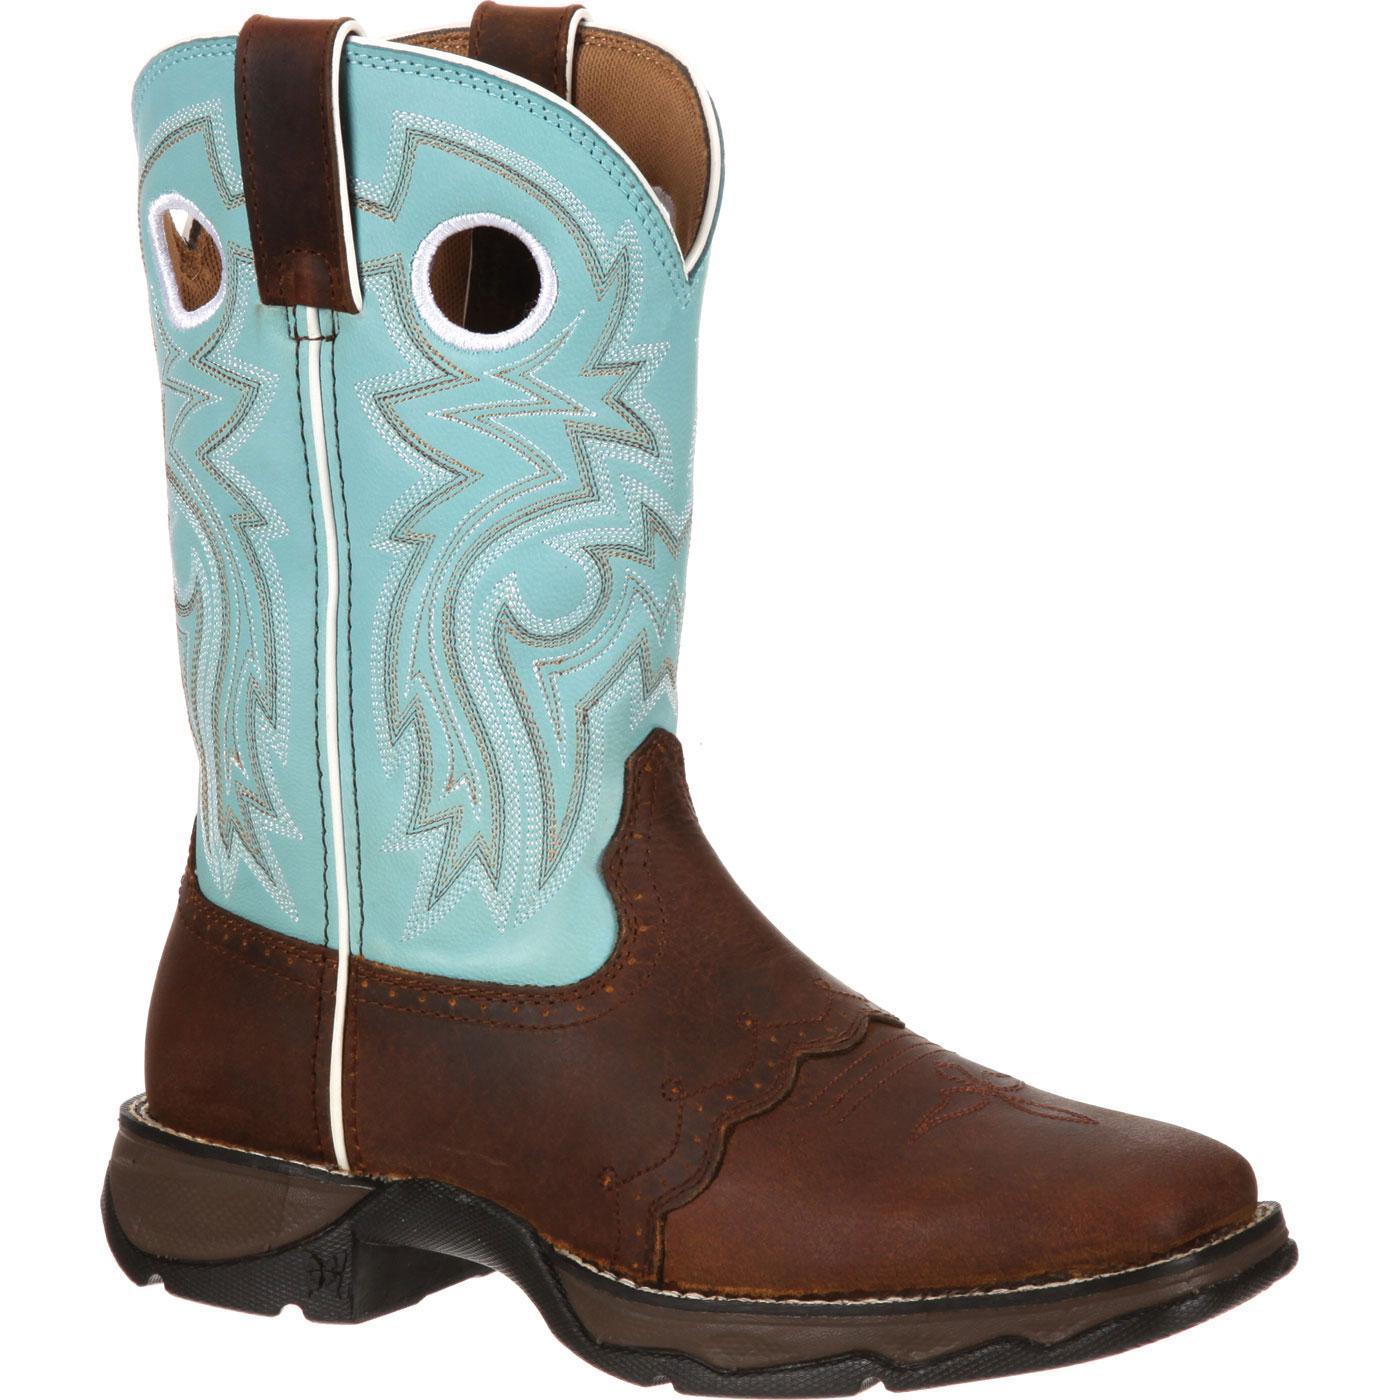 venta de liquidación marca famosa estética de lujo Bota vaquera para mujer Powder n' Lace Saddle Lady Rebel de Durango